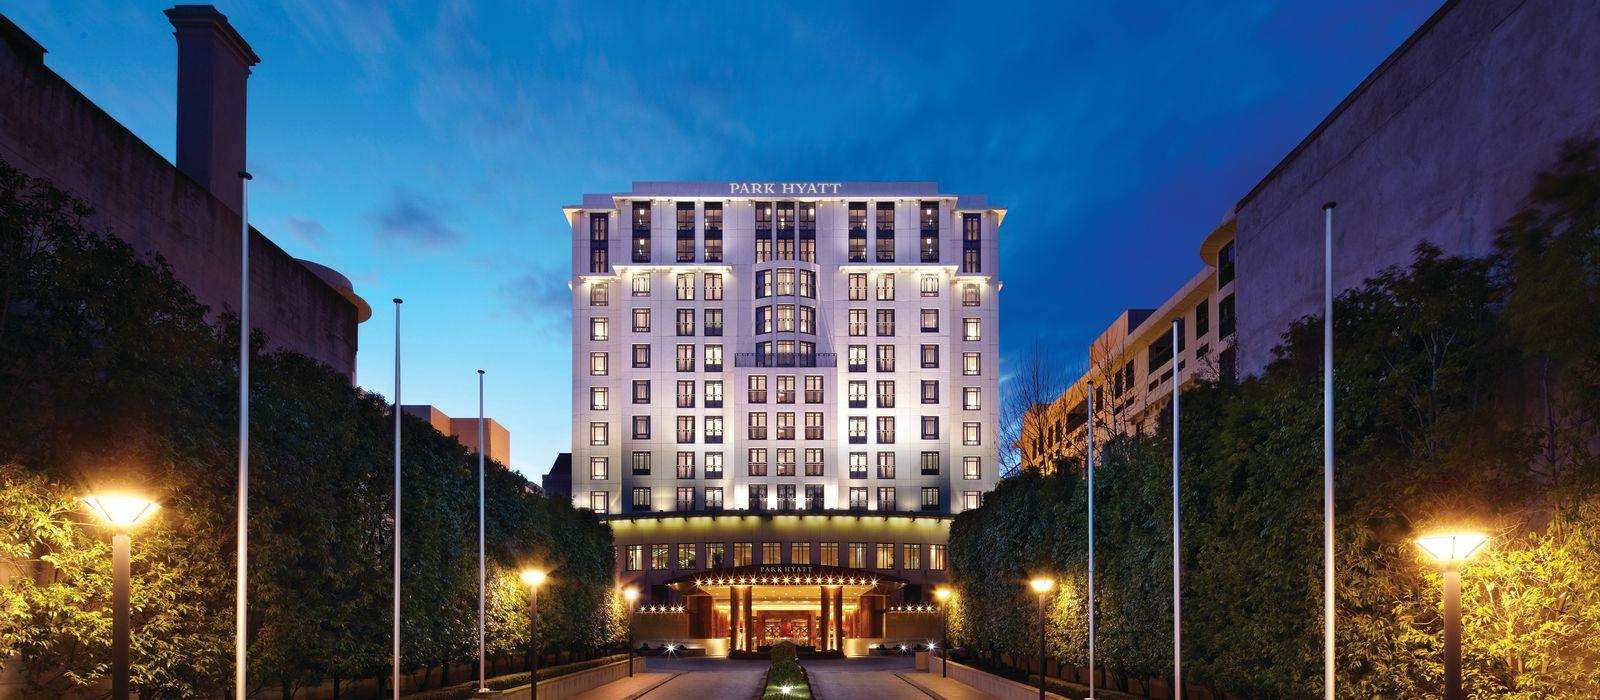 Hotel Park Hyatt Melbourne Australien